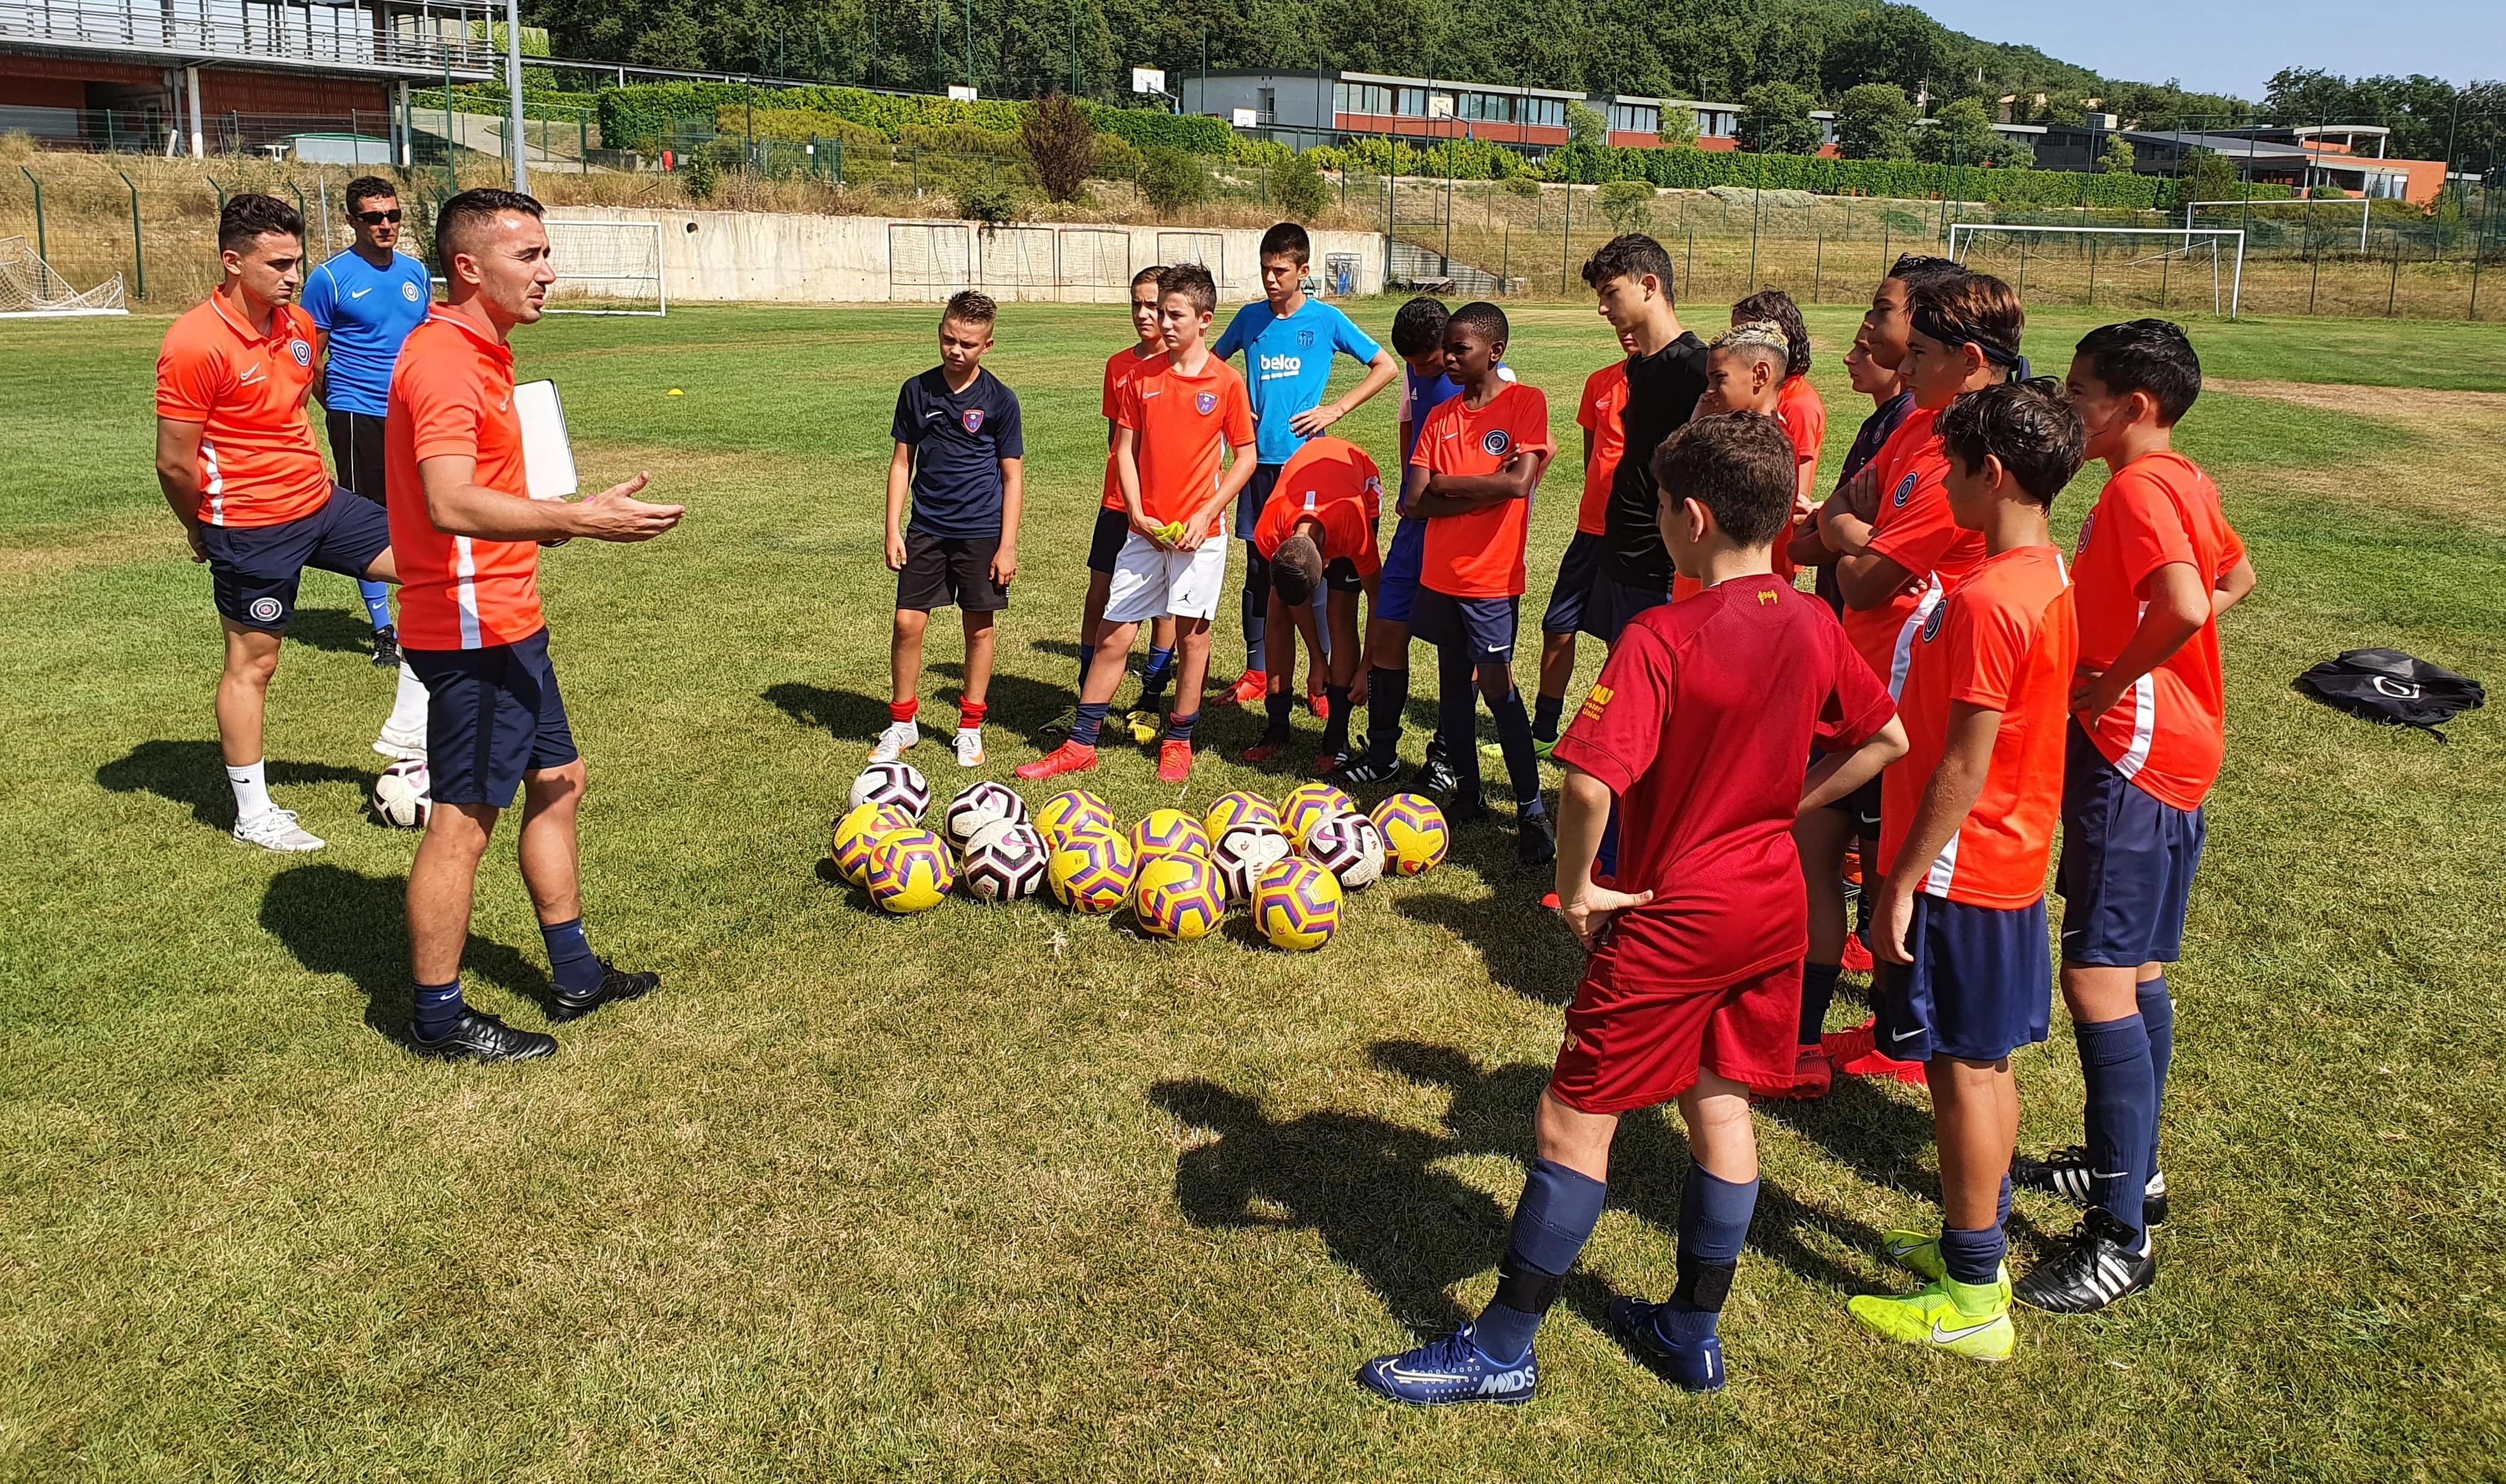 Les U14 R d'Adrien Enguent en stage de pré-saison à Saint-Vallier-de-Thiey